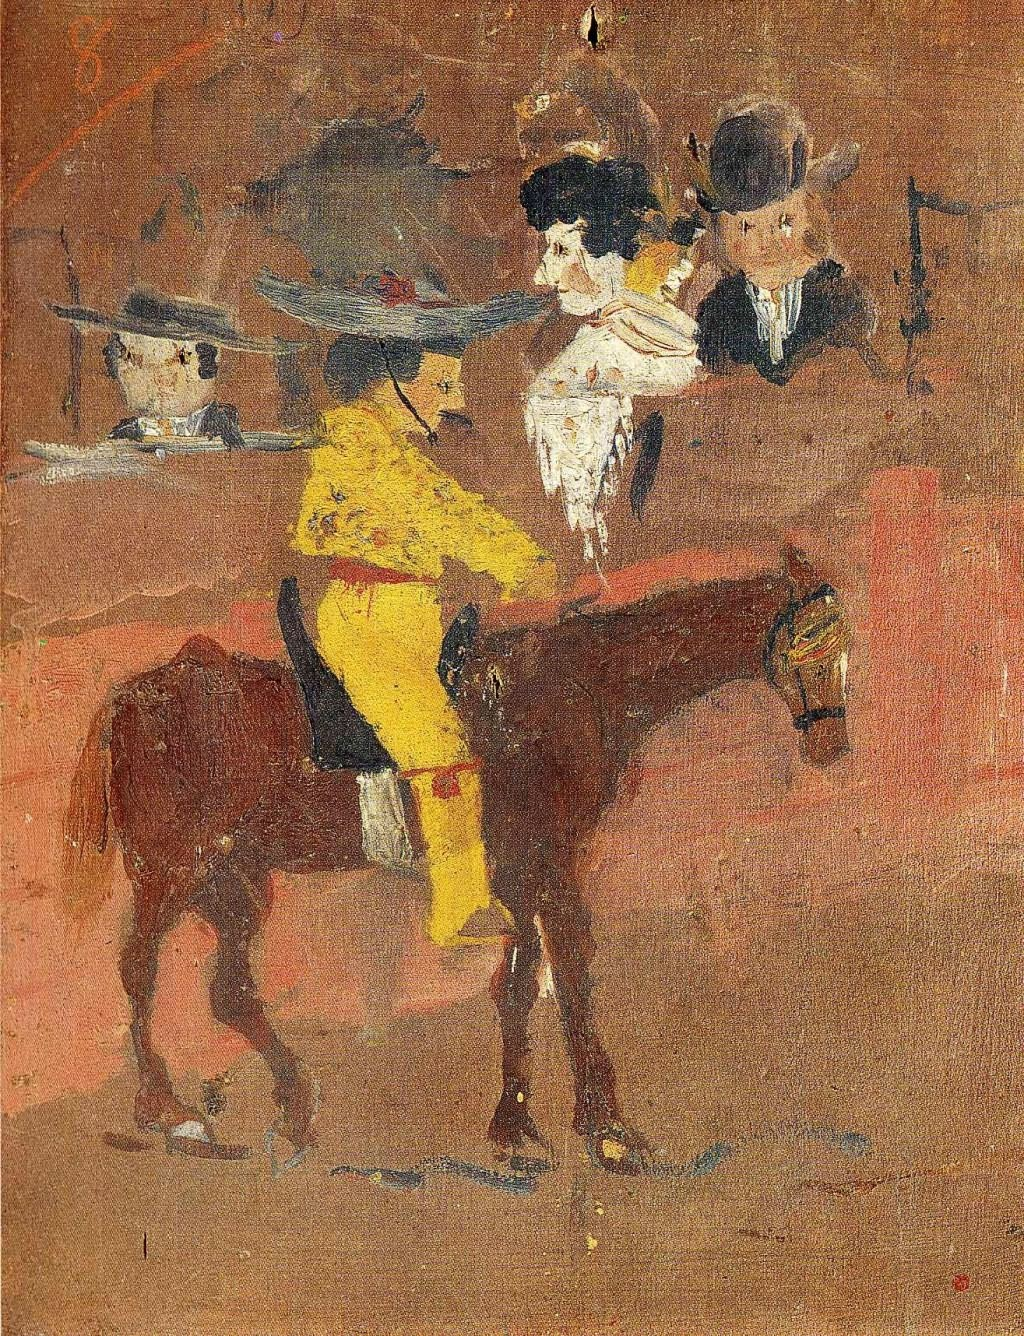 他是史上唯一一个在世时作品进入罗浮宫的画家